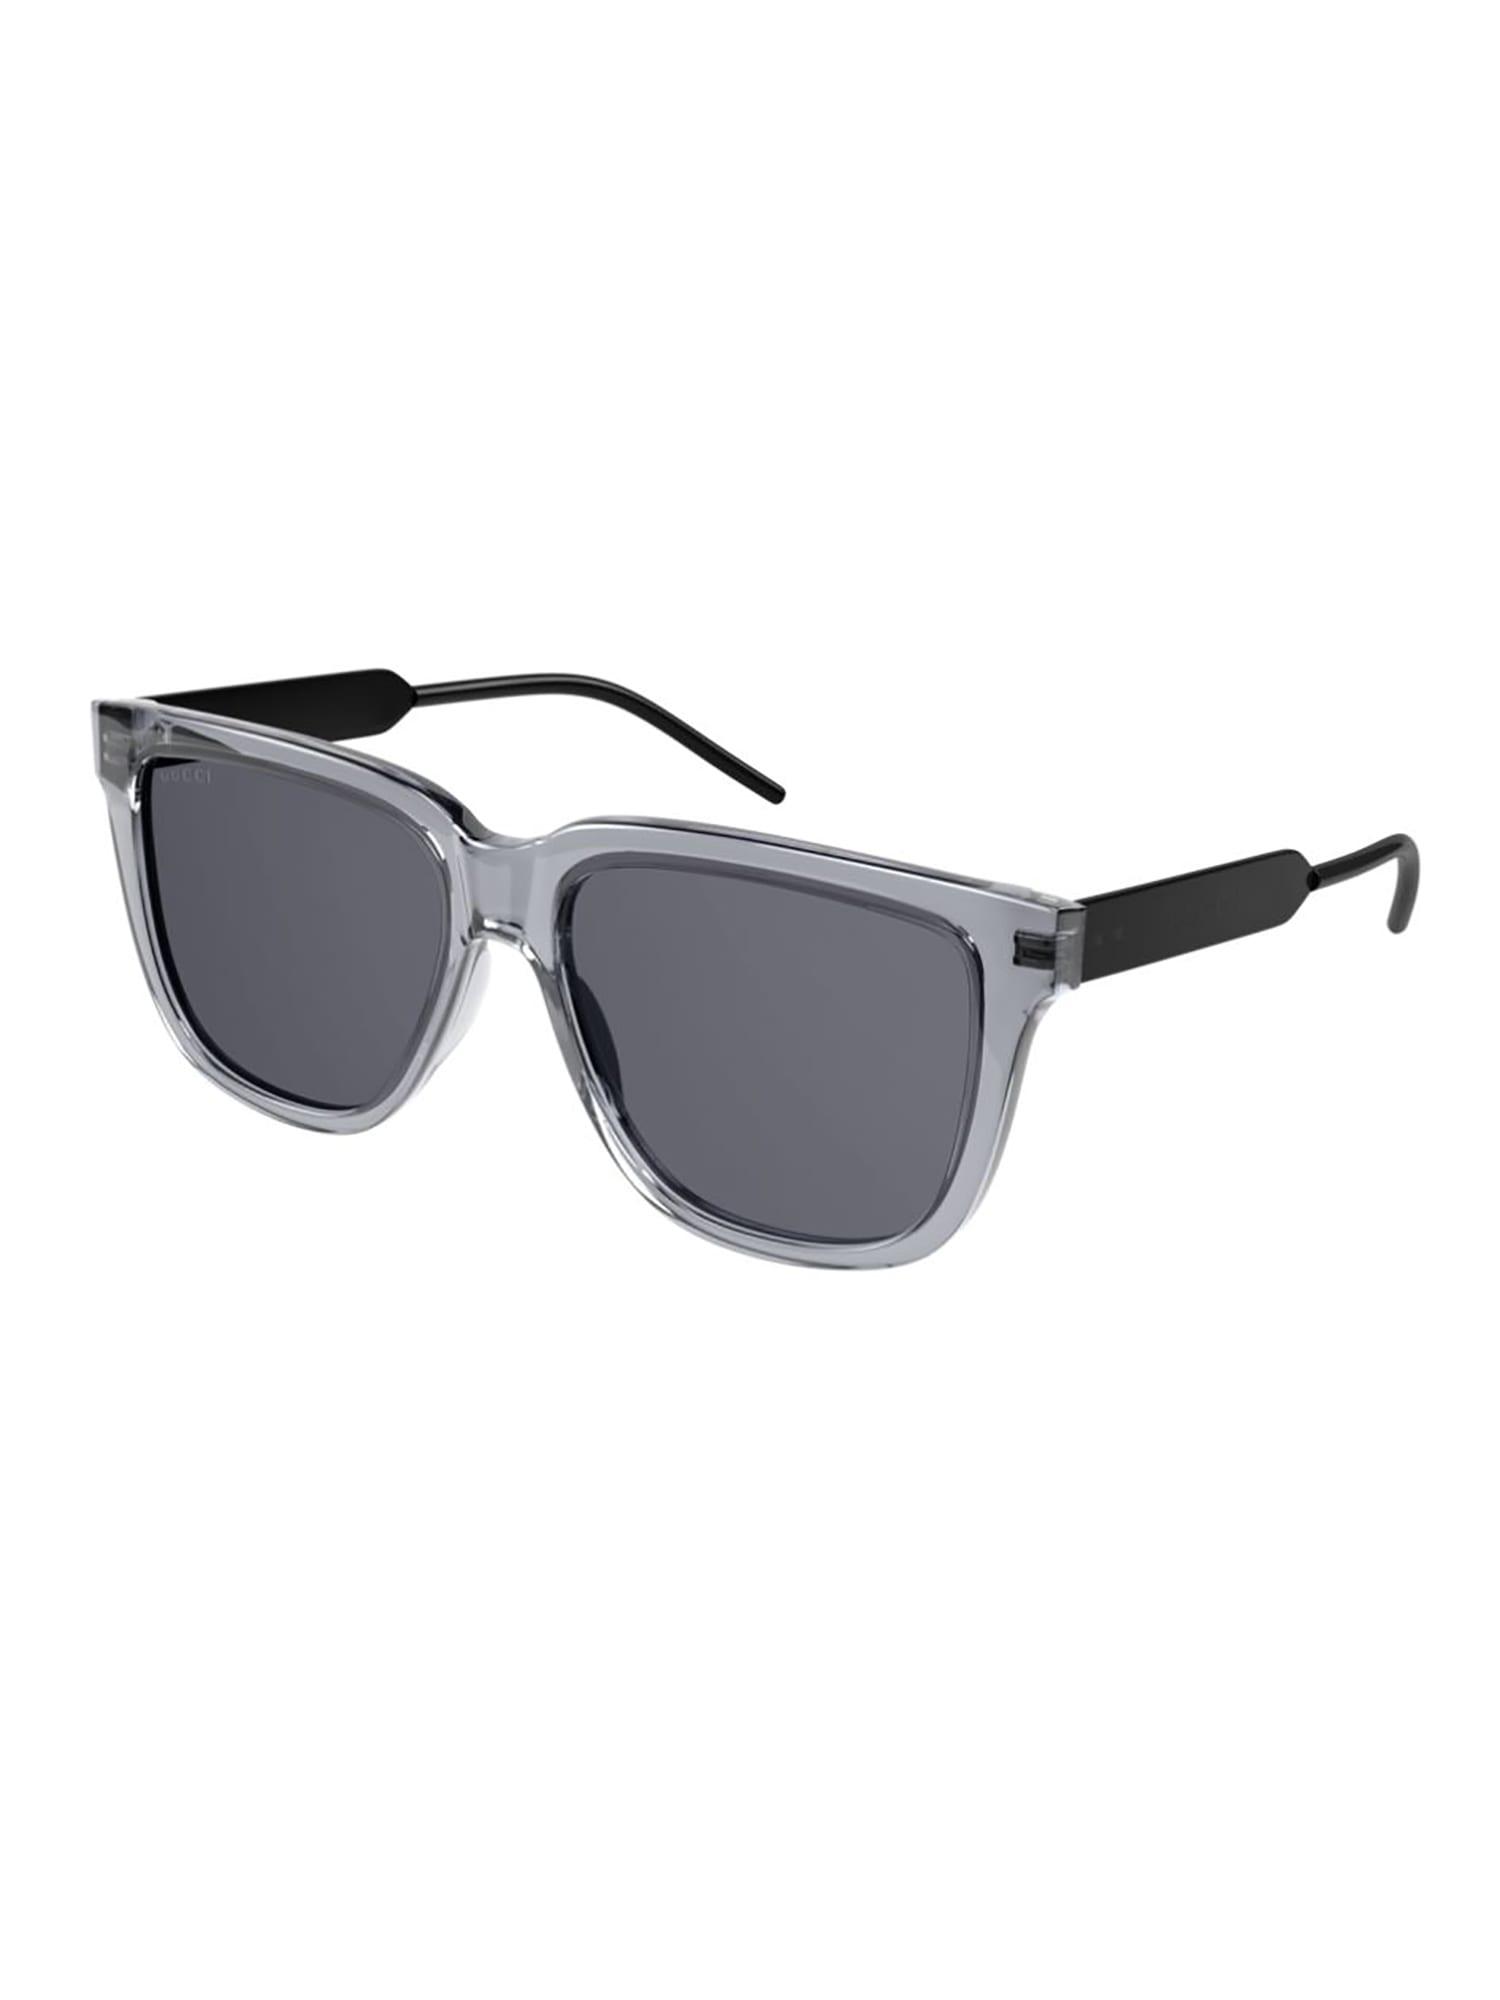 Gucci Gg0976s Sunglasses In Grey Black Smoke